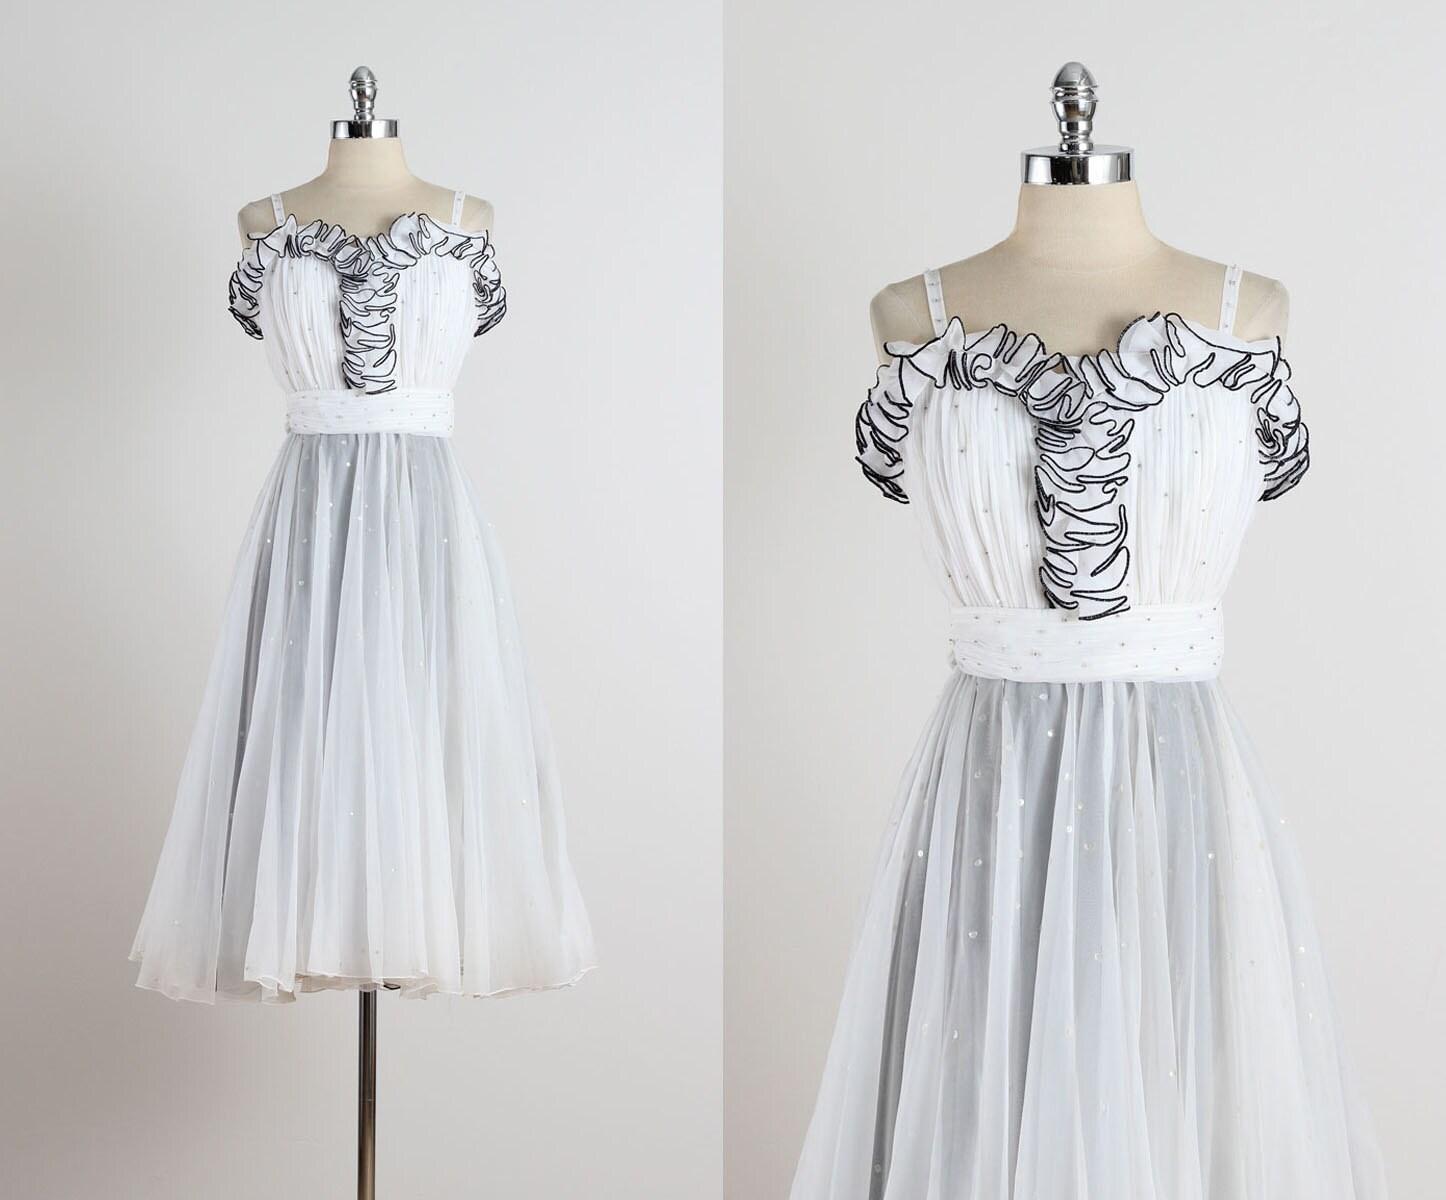 Jack Bryan. Jahrgang 1970 Kleid. Jahrgang Party-Kleid. 4948